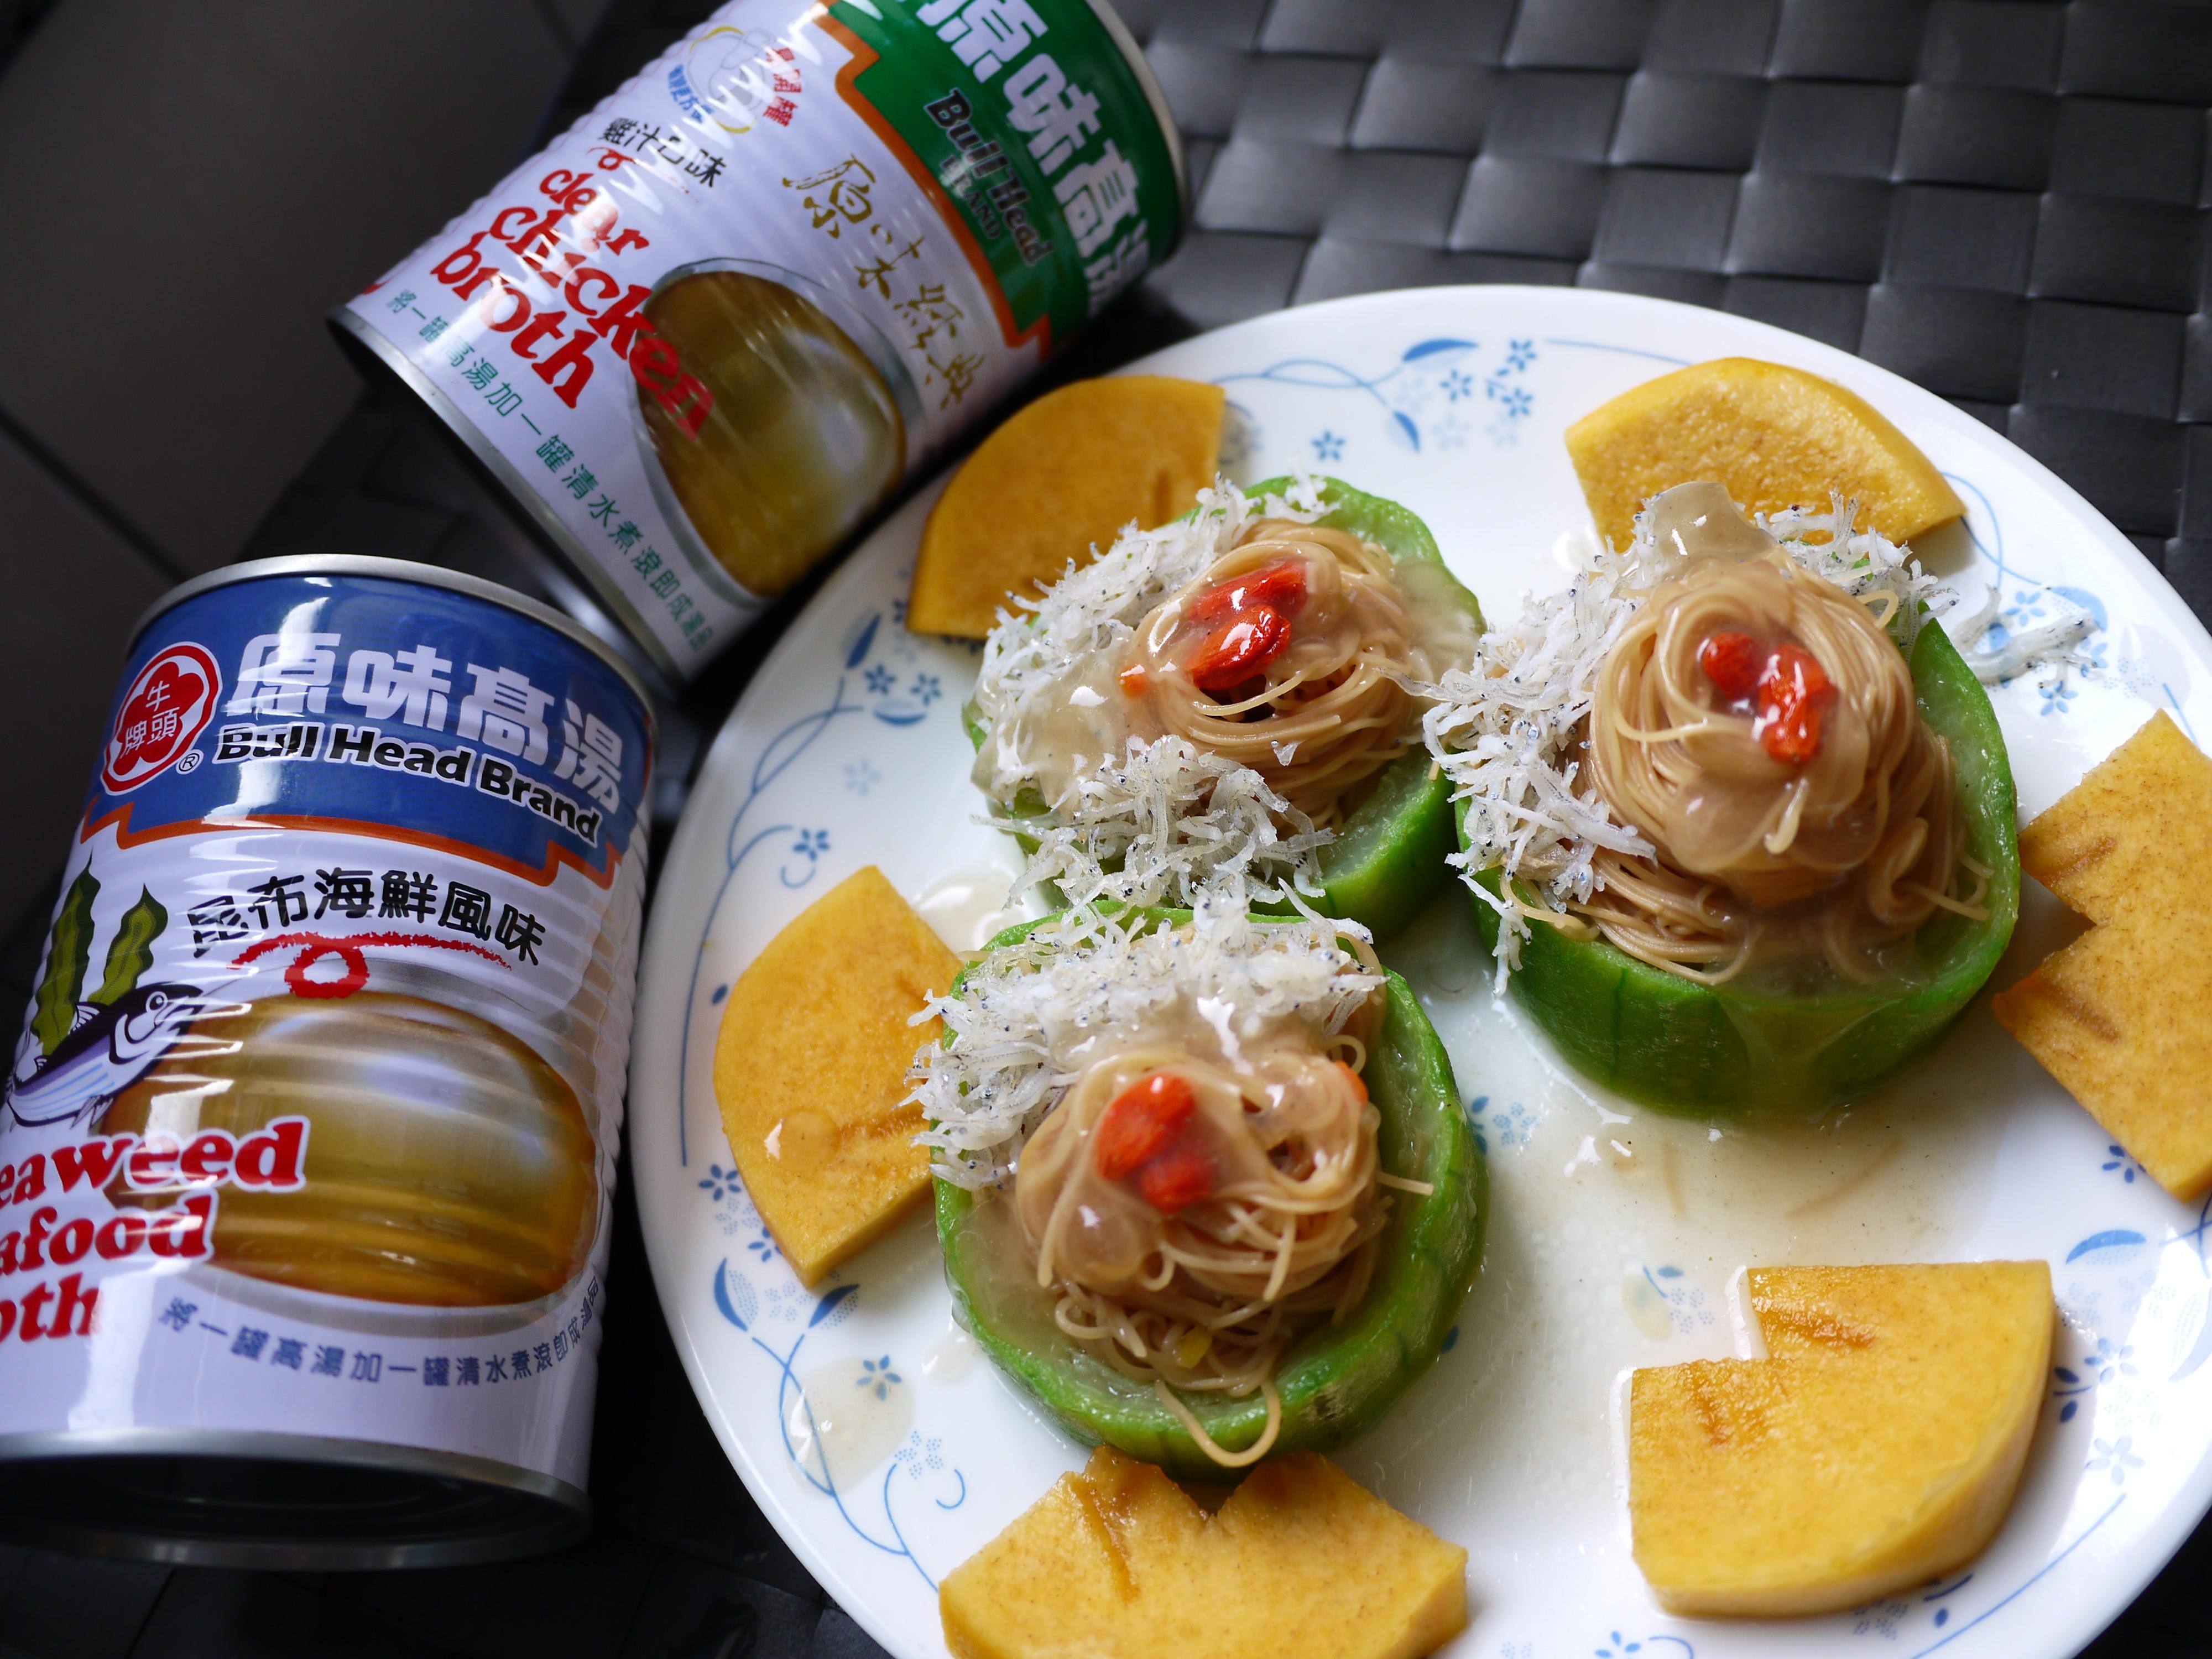 絲瓜麵線盅(牛頭牌雞汁高湯)